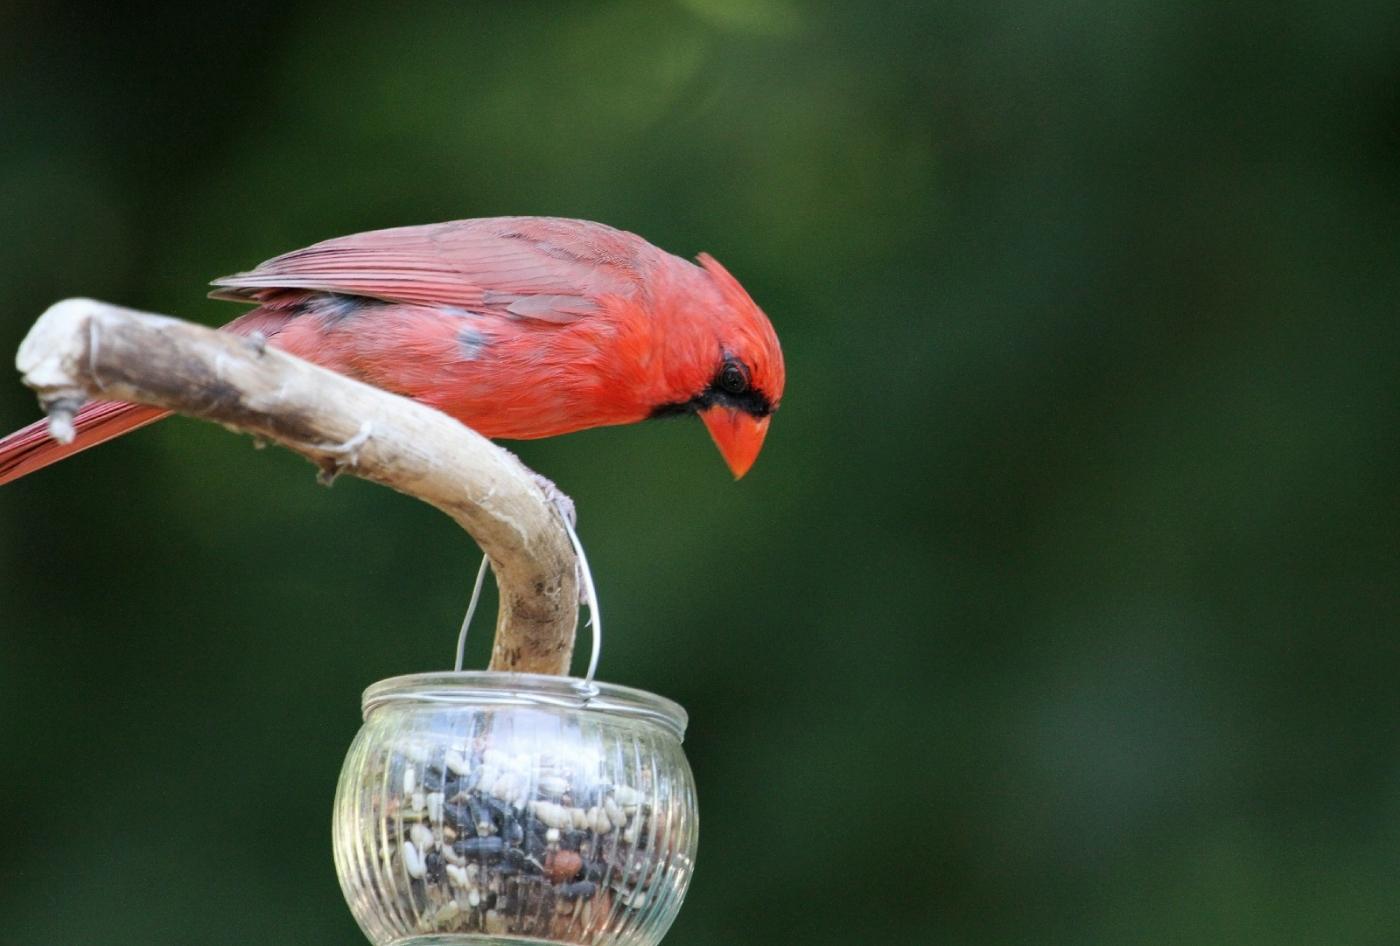 【田螺摄影】做个漂亮的喂鸟器更吸引红衣主教_图1-9